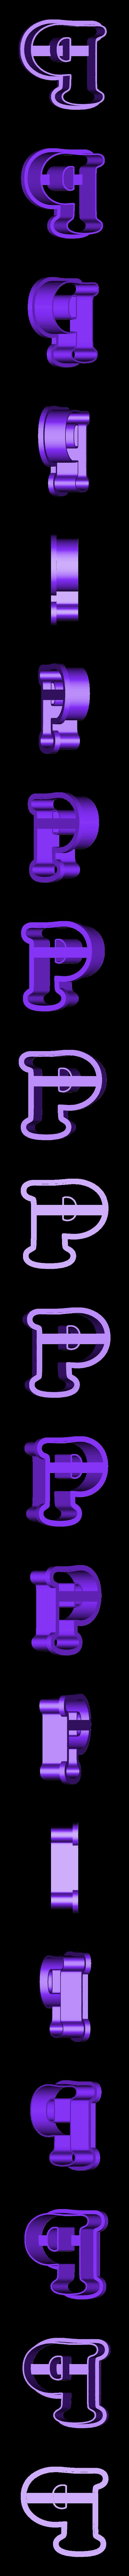 P.stl Download STL file sharp letters Cooper Black • 3D printing model, juanchininaiara